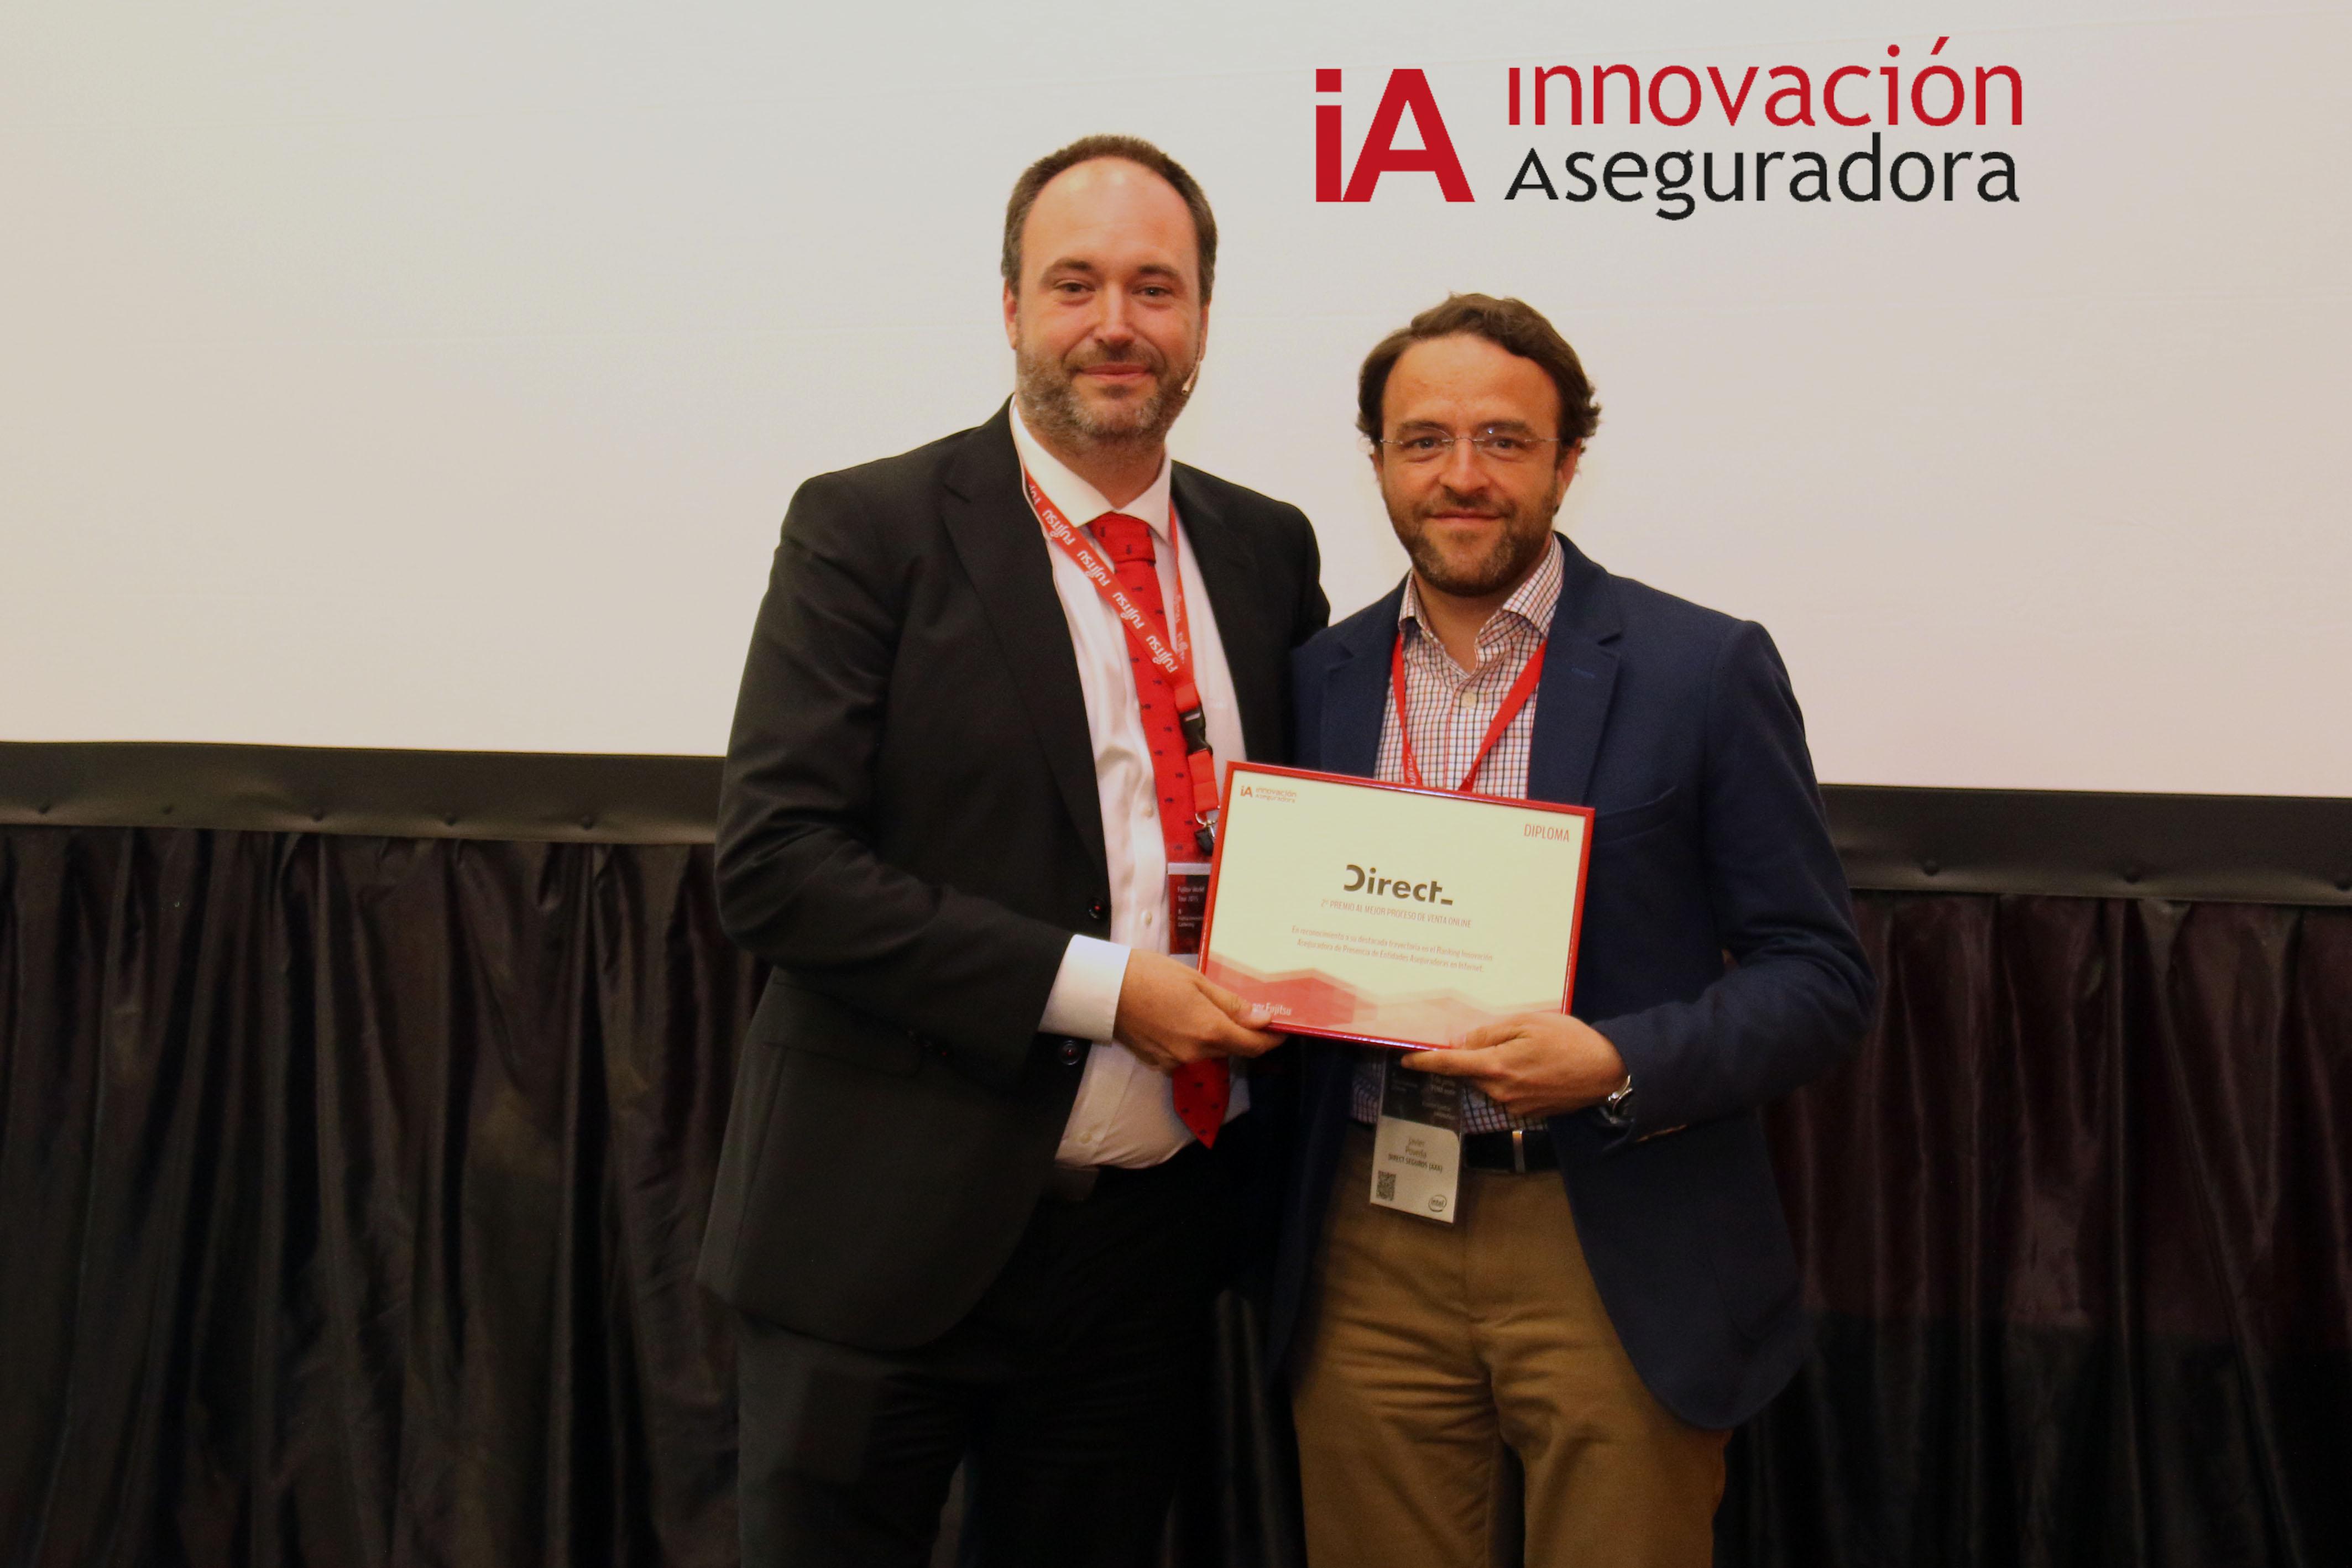 Direct_Ranking_Innovacion_Aseguradora